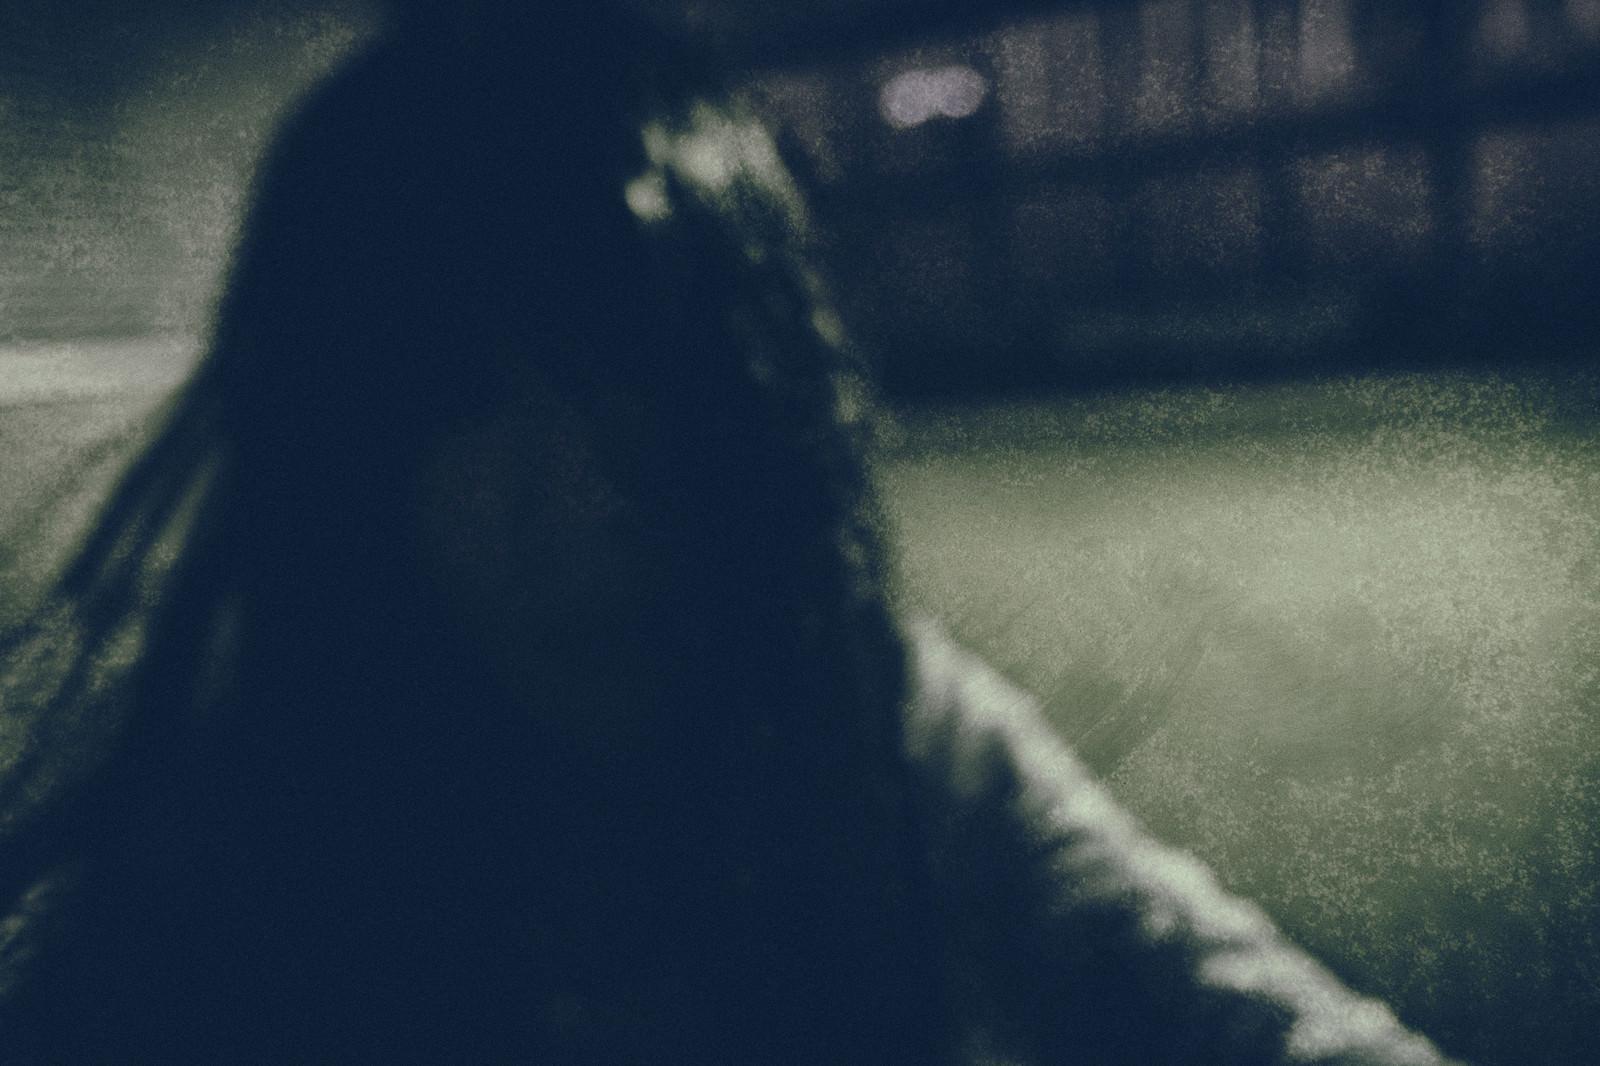 「暗がりの中で髪を振り乱す女性」の写真[モデル:緋真煉]